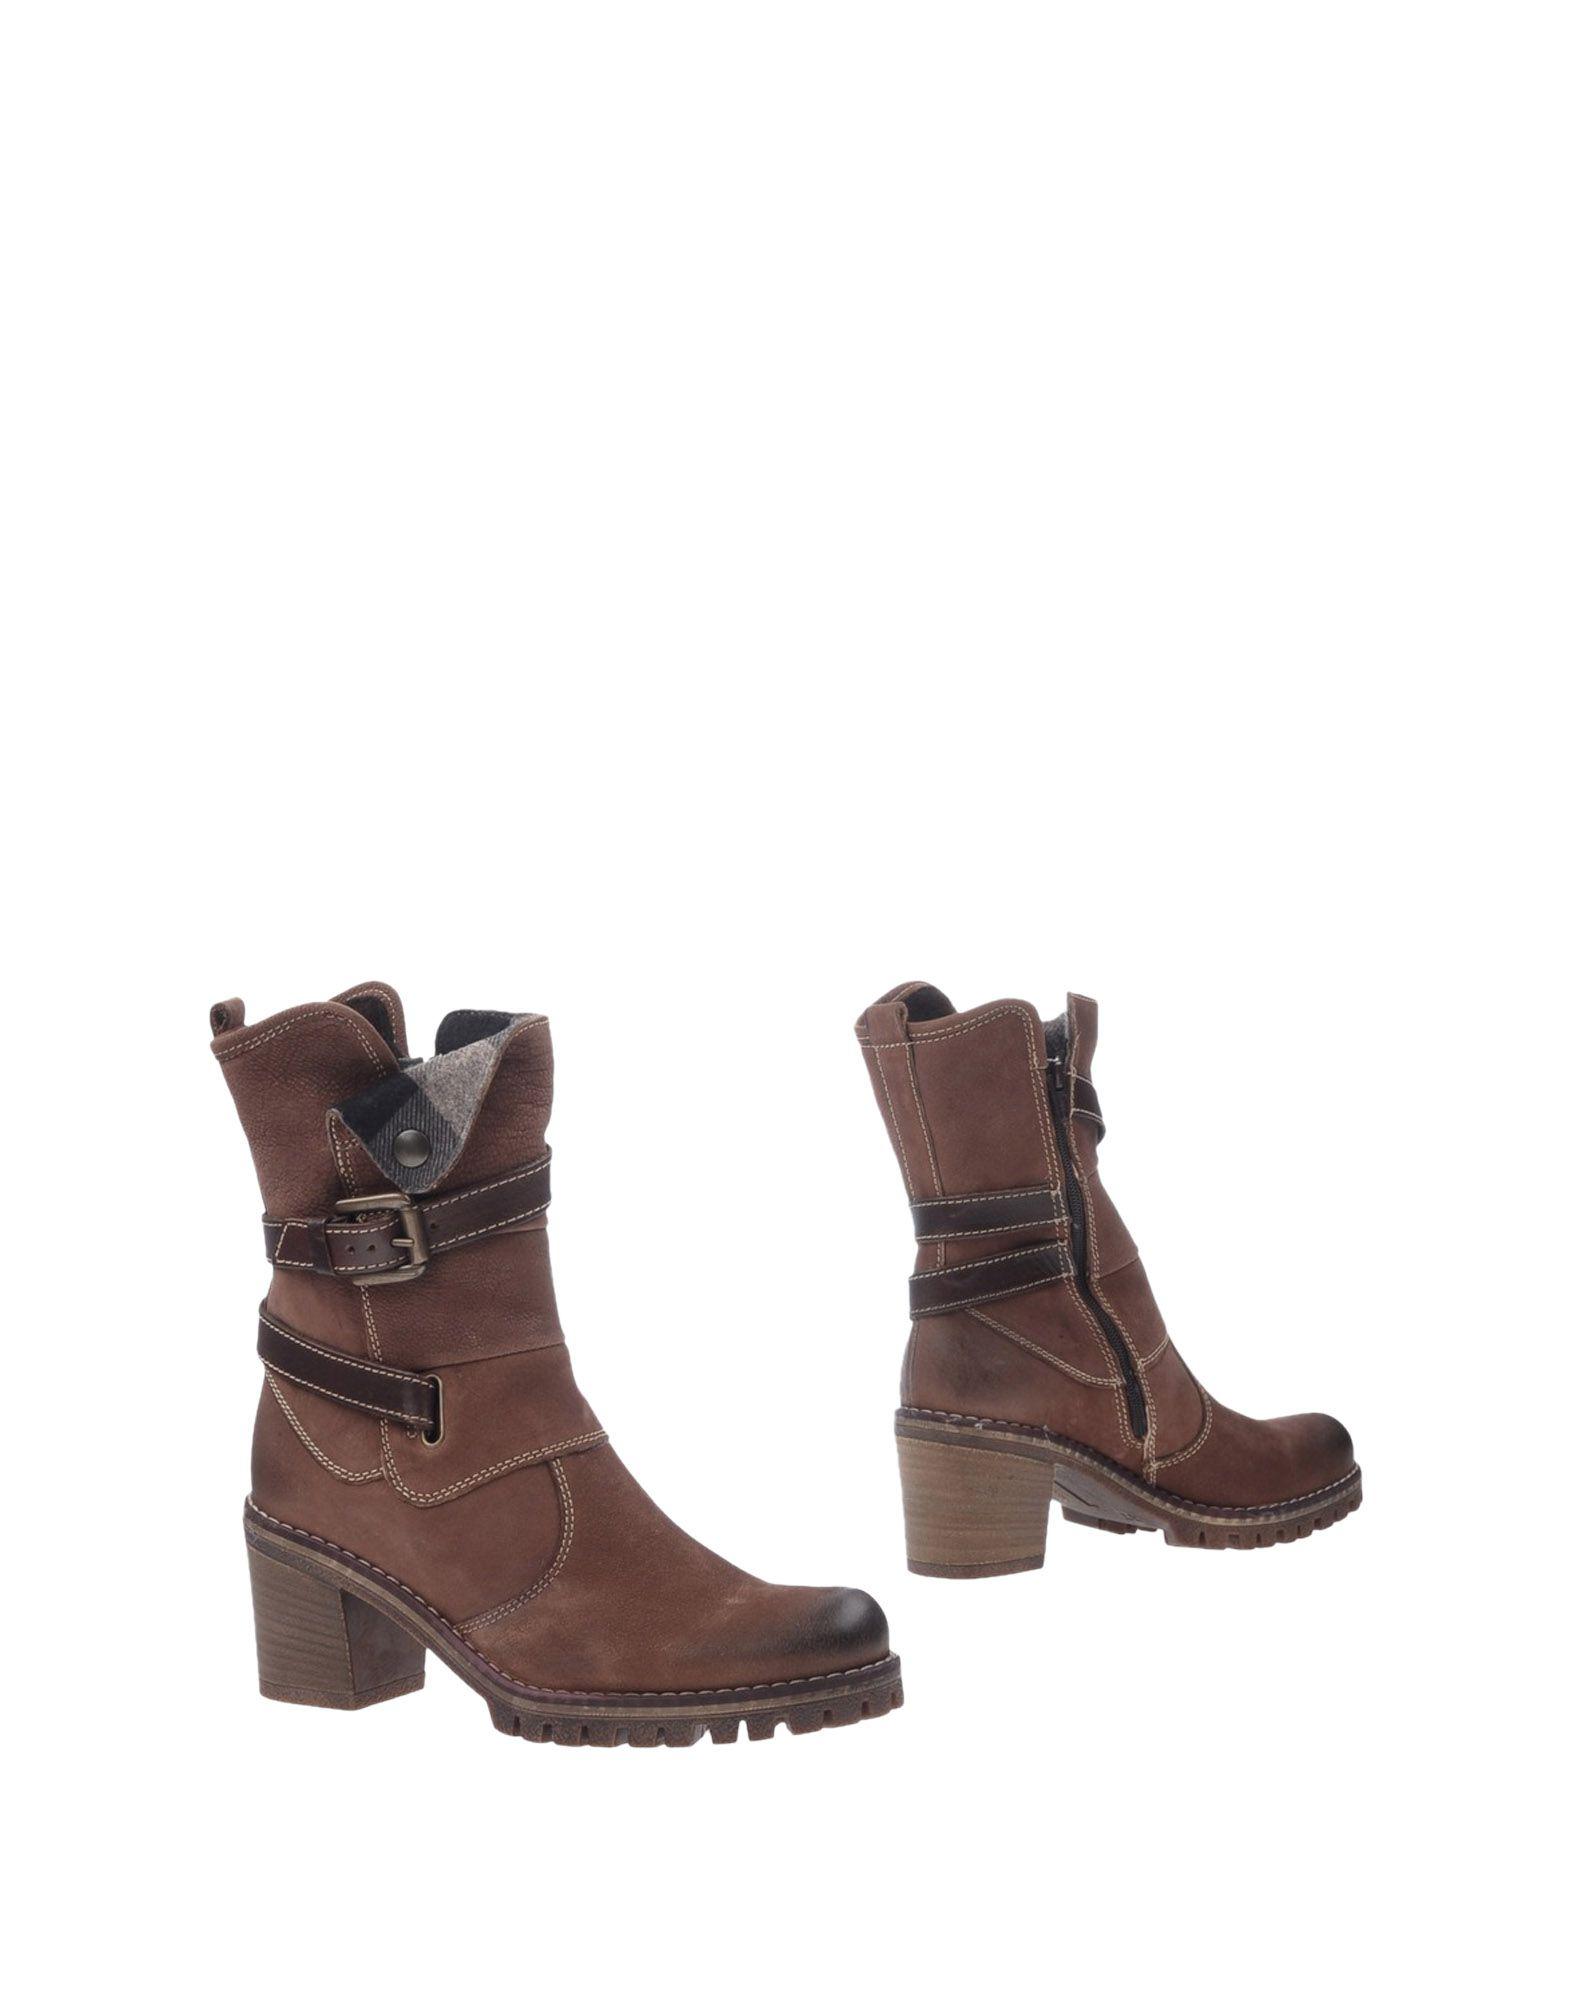 Manas Stiefelette Damen  11285559PR Gute Qualität beliebte Schuhe Schuhe beliebte 5a4464